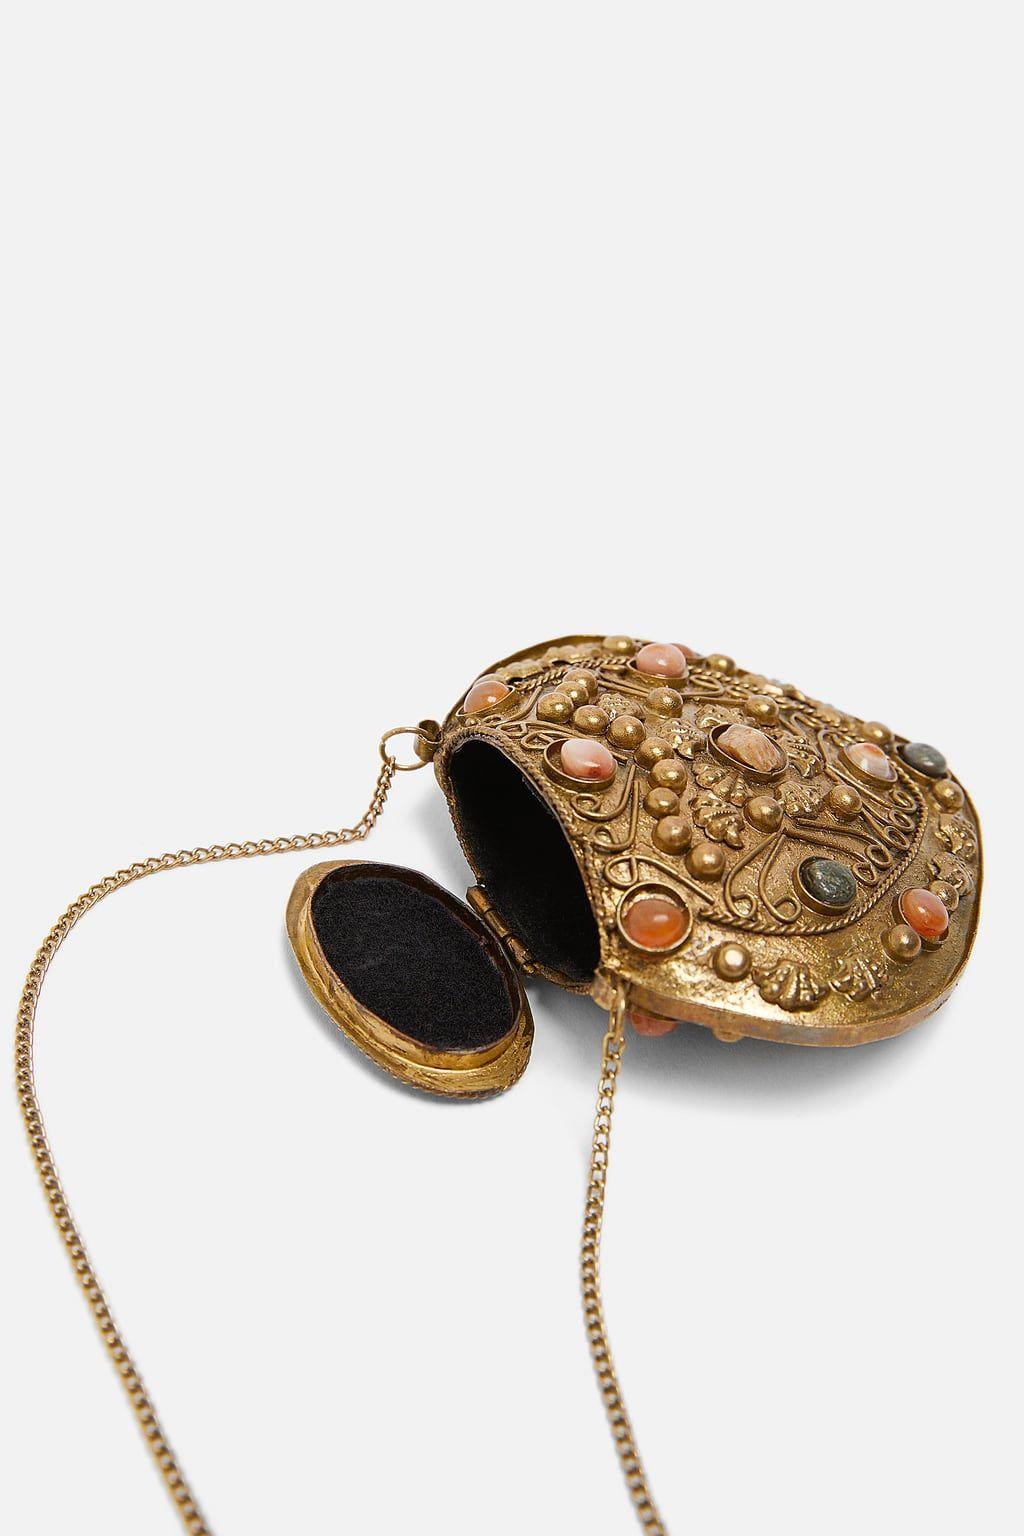 2127cd602 Zara saca un bolso (de 20 euros) que además sirve como collar y ya tiene  lista de espera - El bolso joya de Zara que ya tiene lista de espera